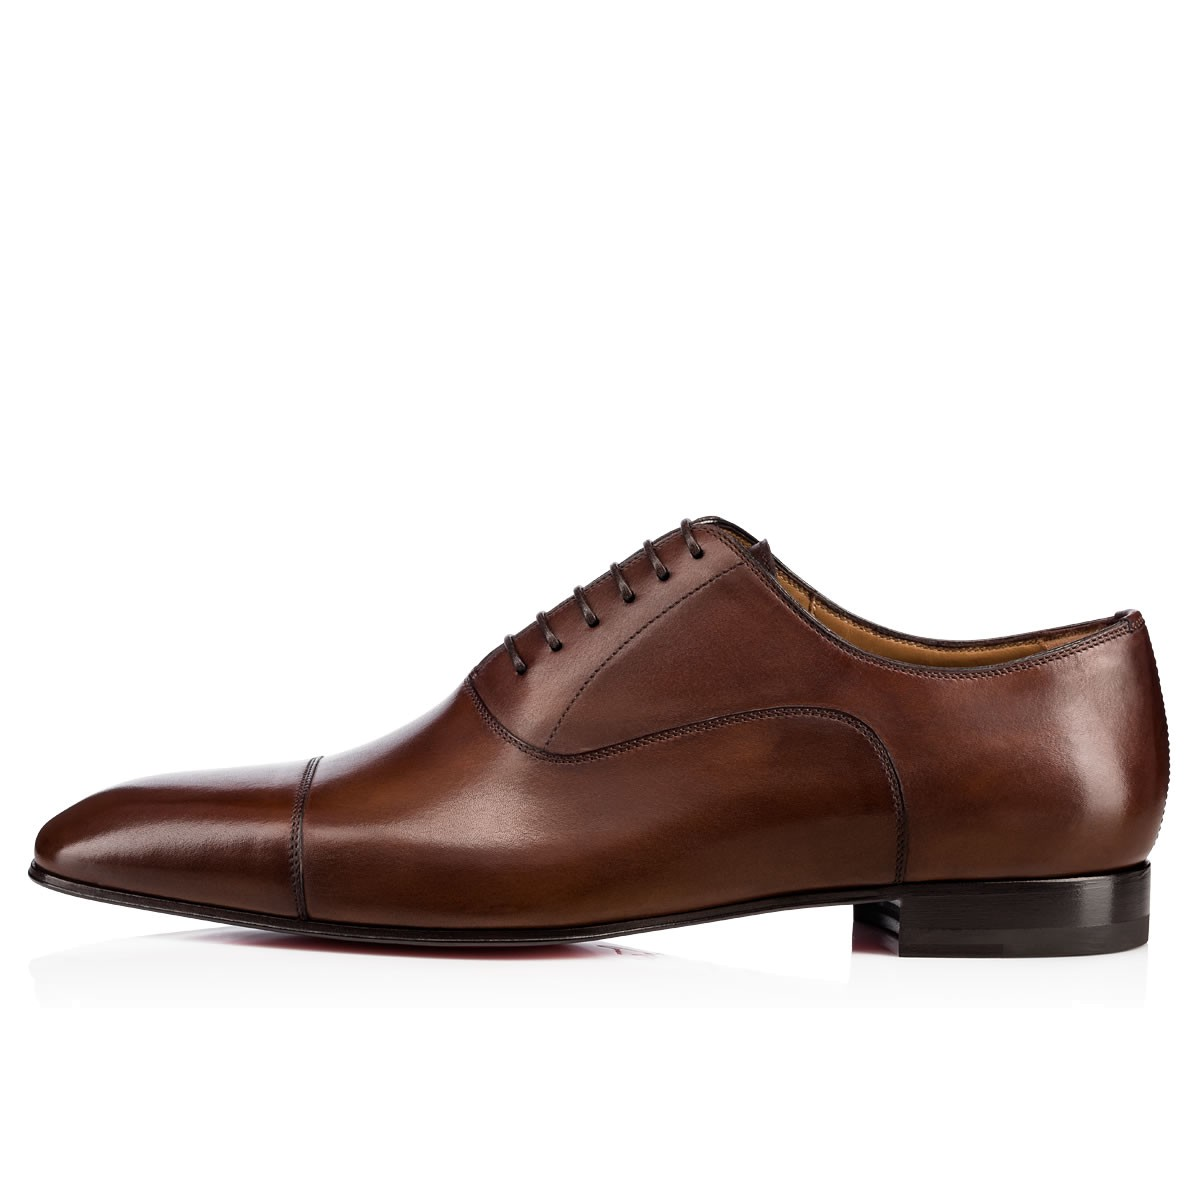 Men Shoes - Greggo - Christian Louboutin